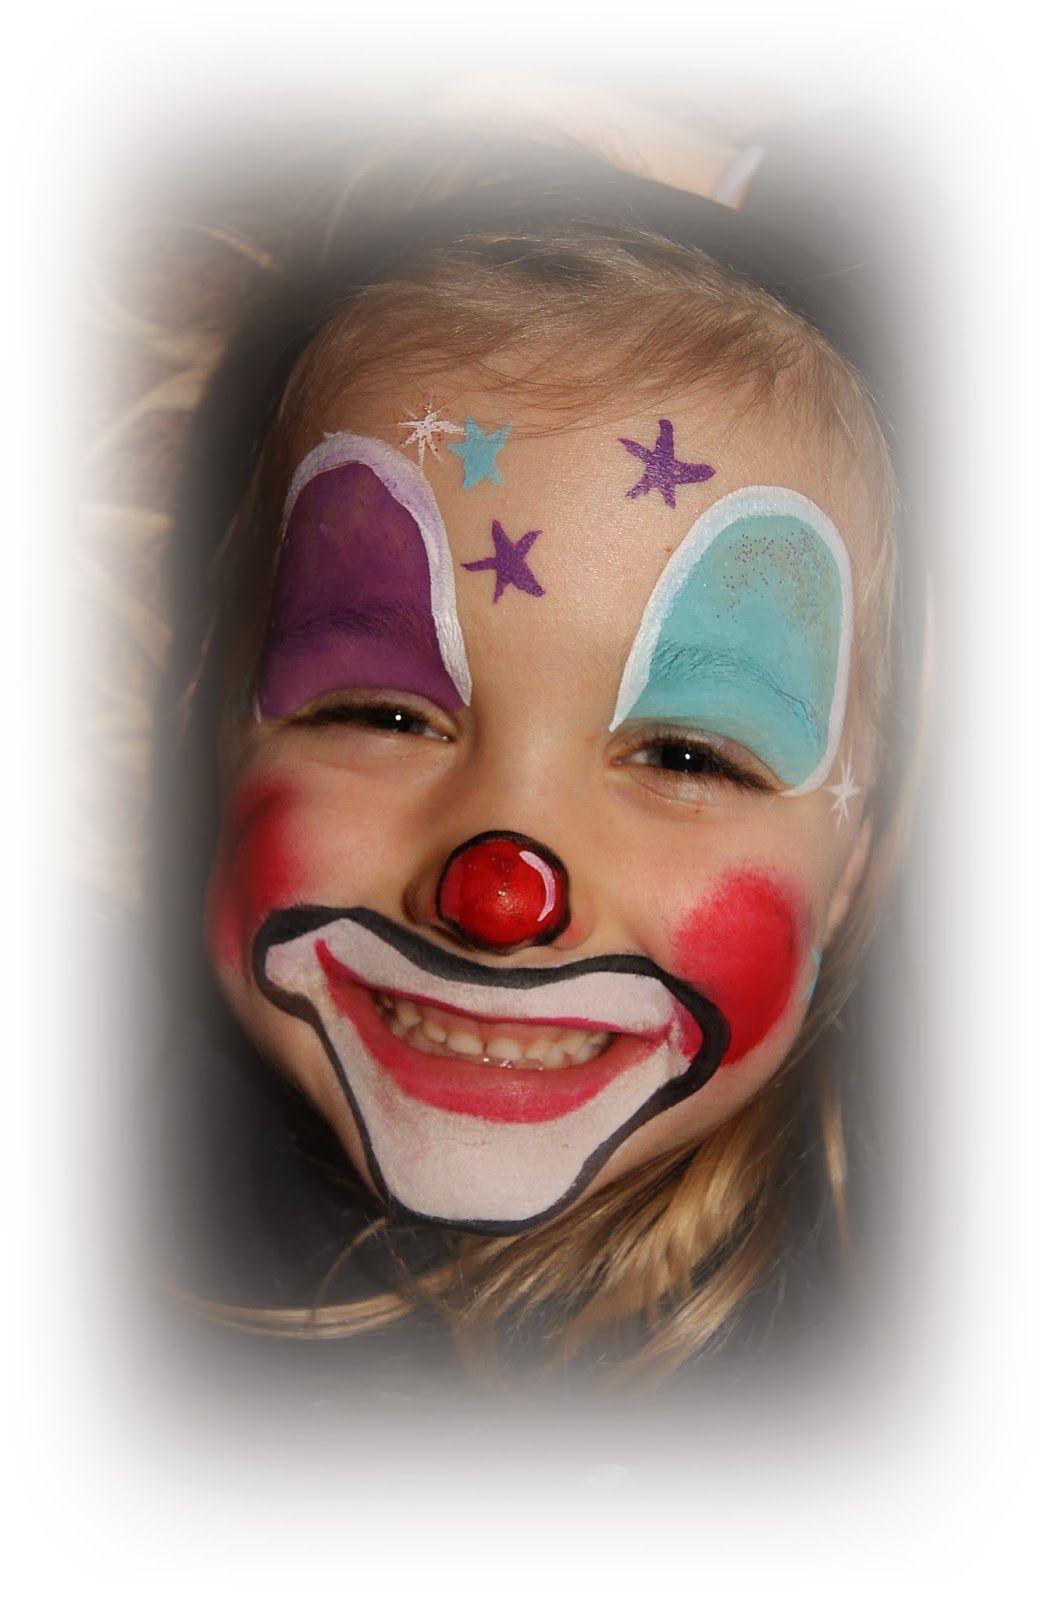 verpl scht und zugen ht kinder schminken pinterest kinder schminken kinder und clown schminke. Black Bedroom Furniture Sets. Home Design Ideas